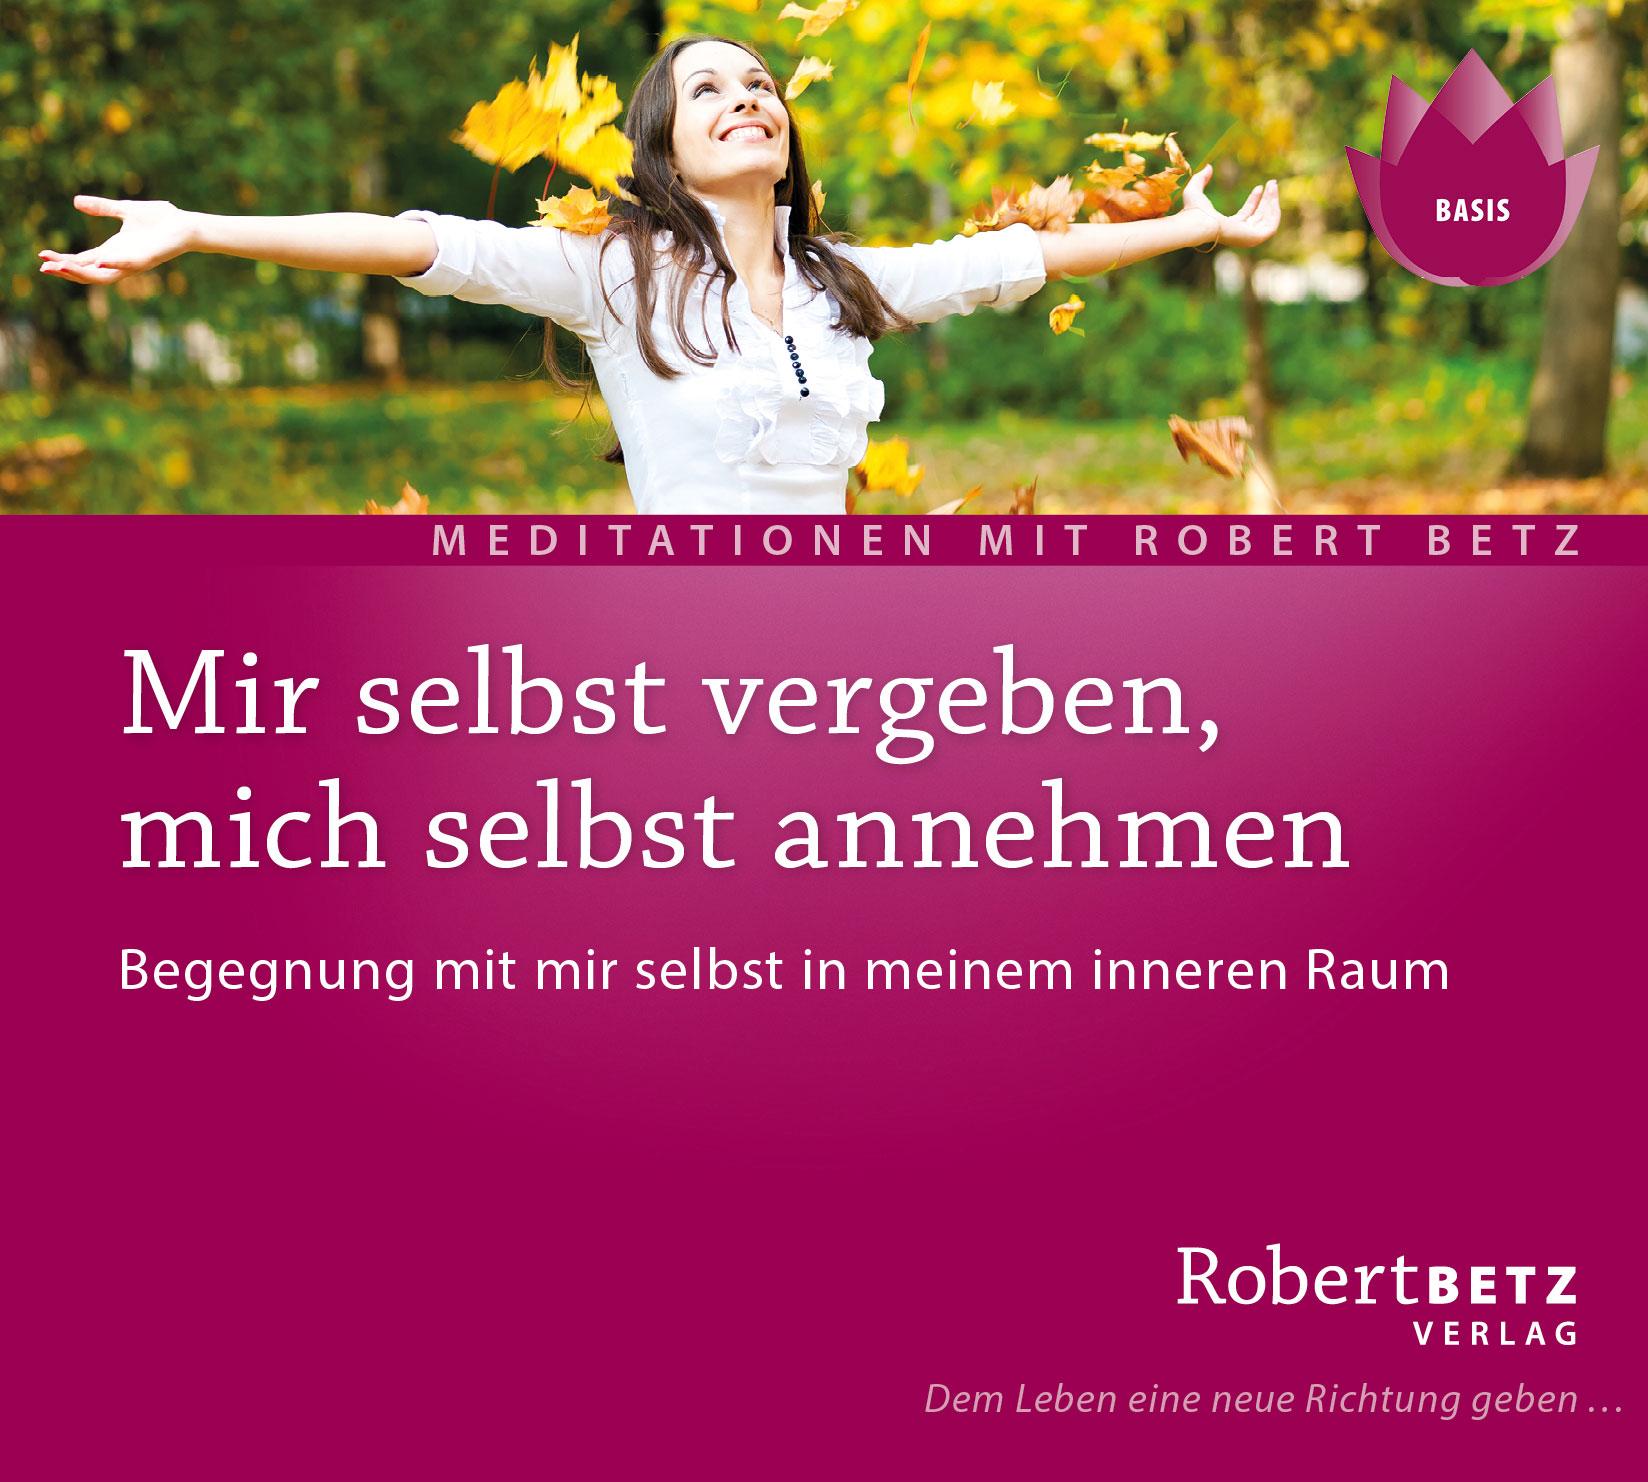 Mir selbst vergeben und mich selbst annehmen: Begegnung mit mir selbst in meinem inneren Raum - Robert Th. Betz [Audio C